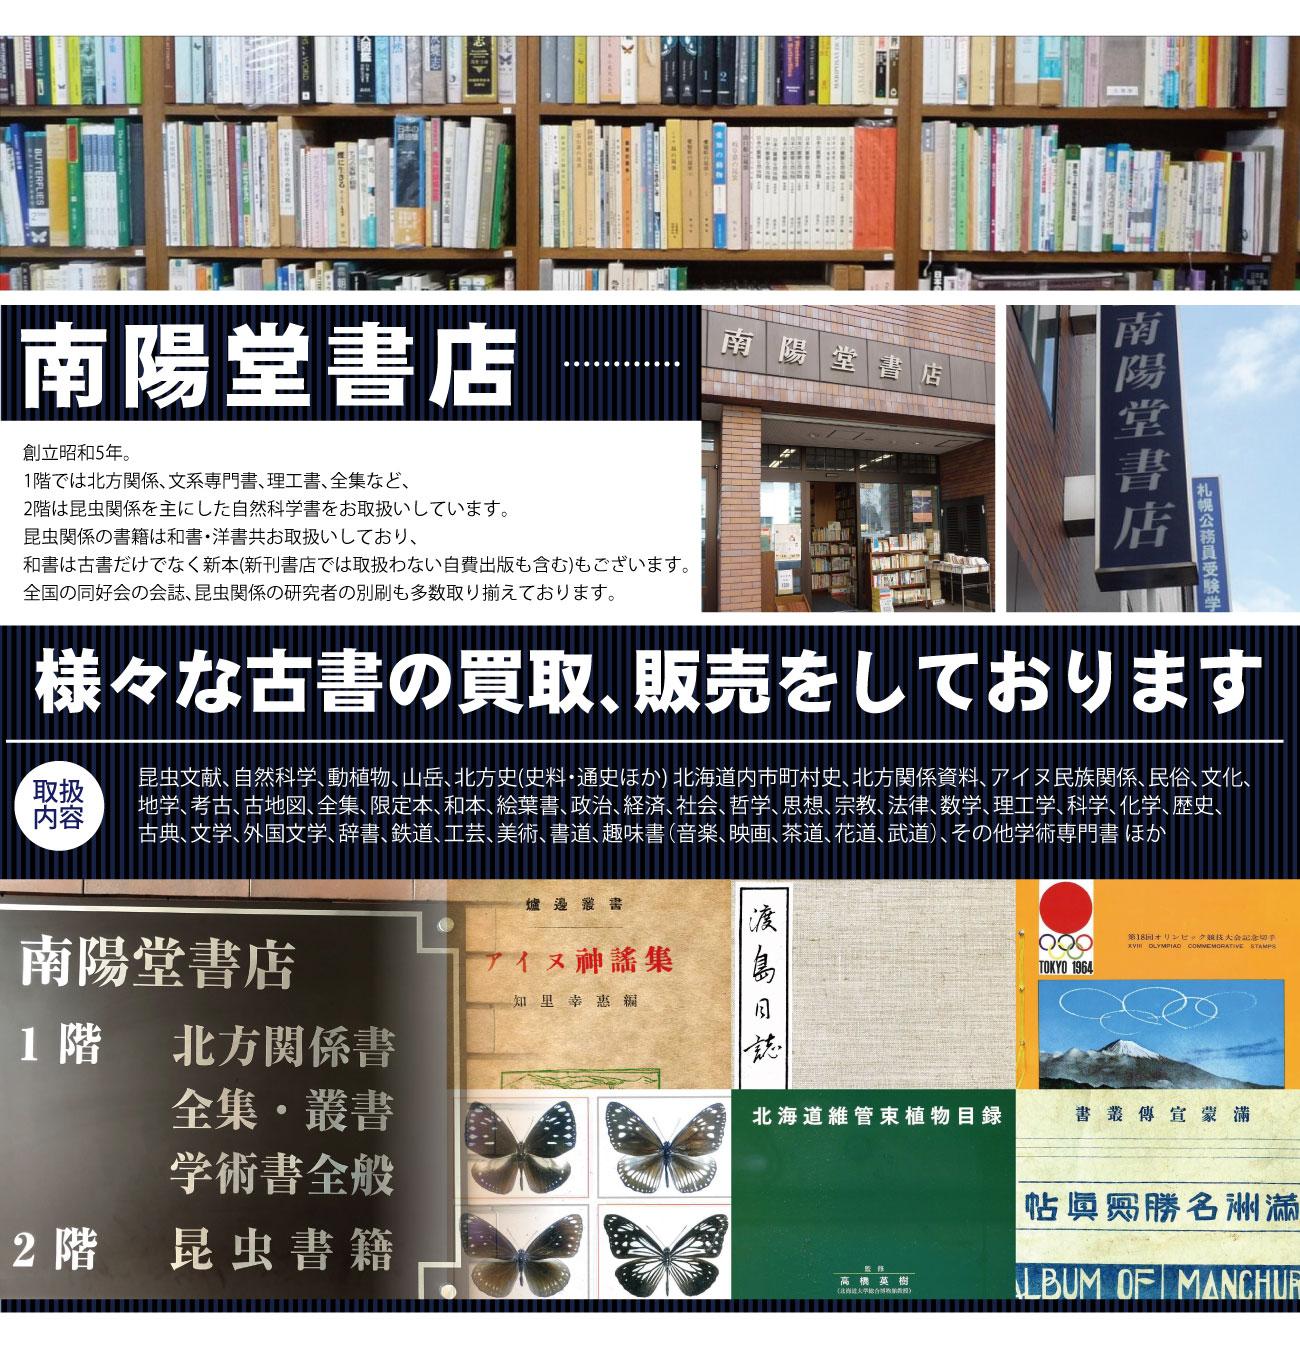 南陽堂書店、取扱い書籍のご案内